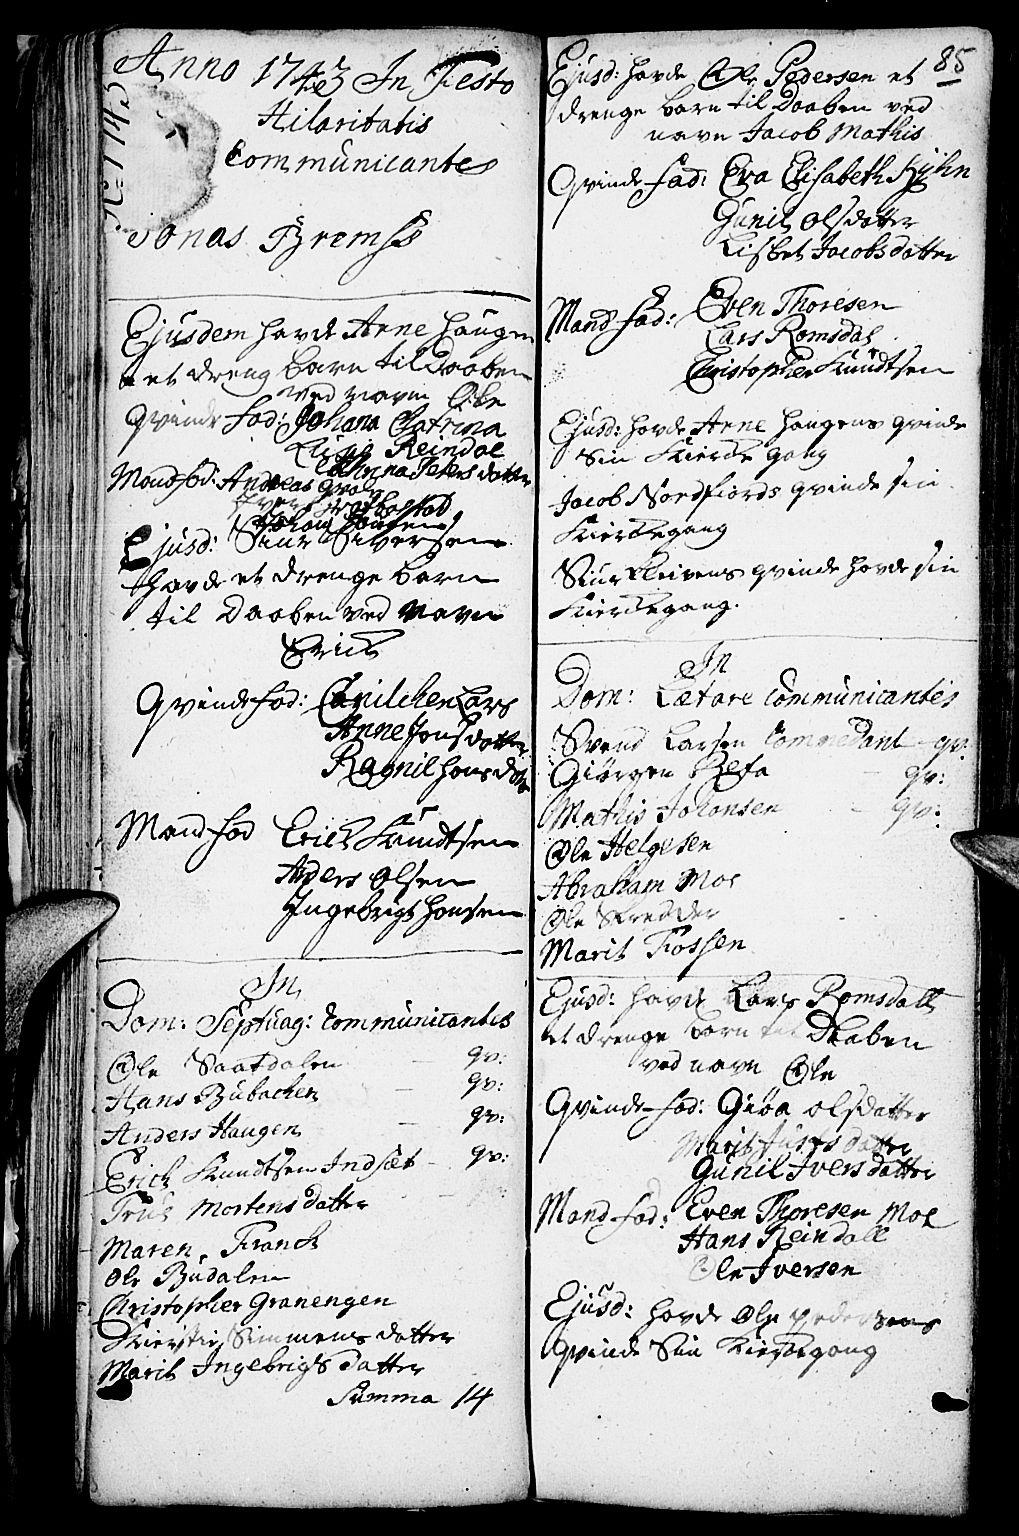 SAH, Kvikne prestekontor, Parish register (official) no. 1, 1740-1756, p. 84-85